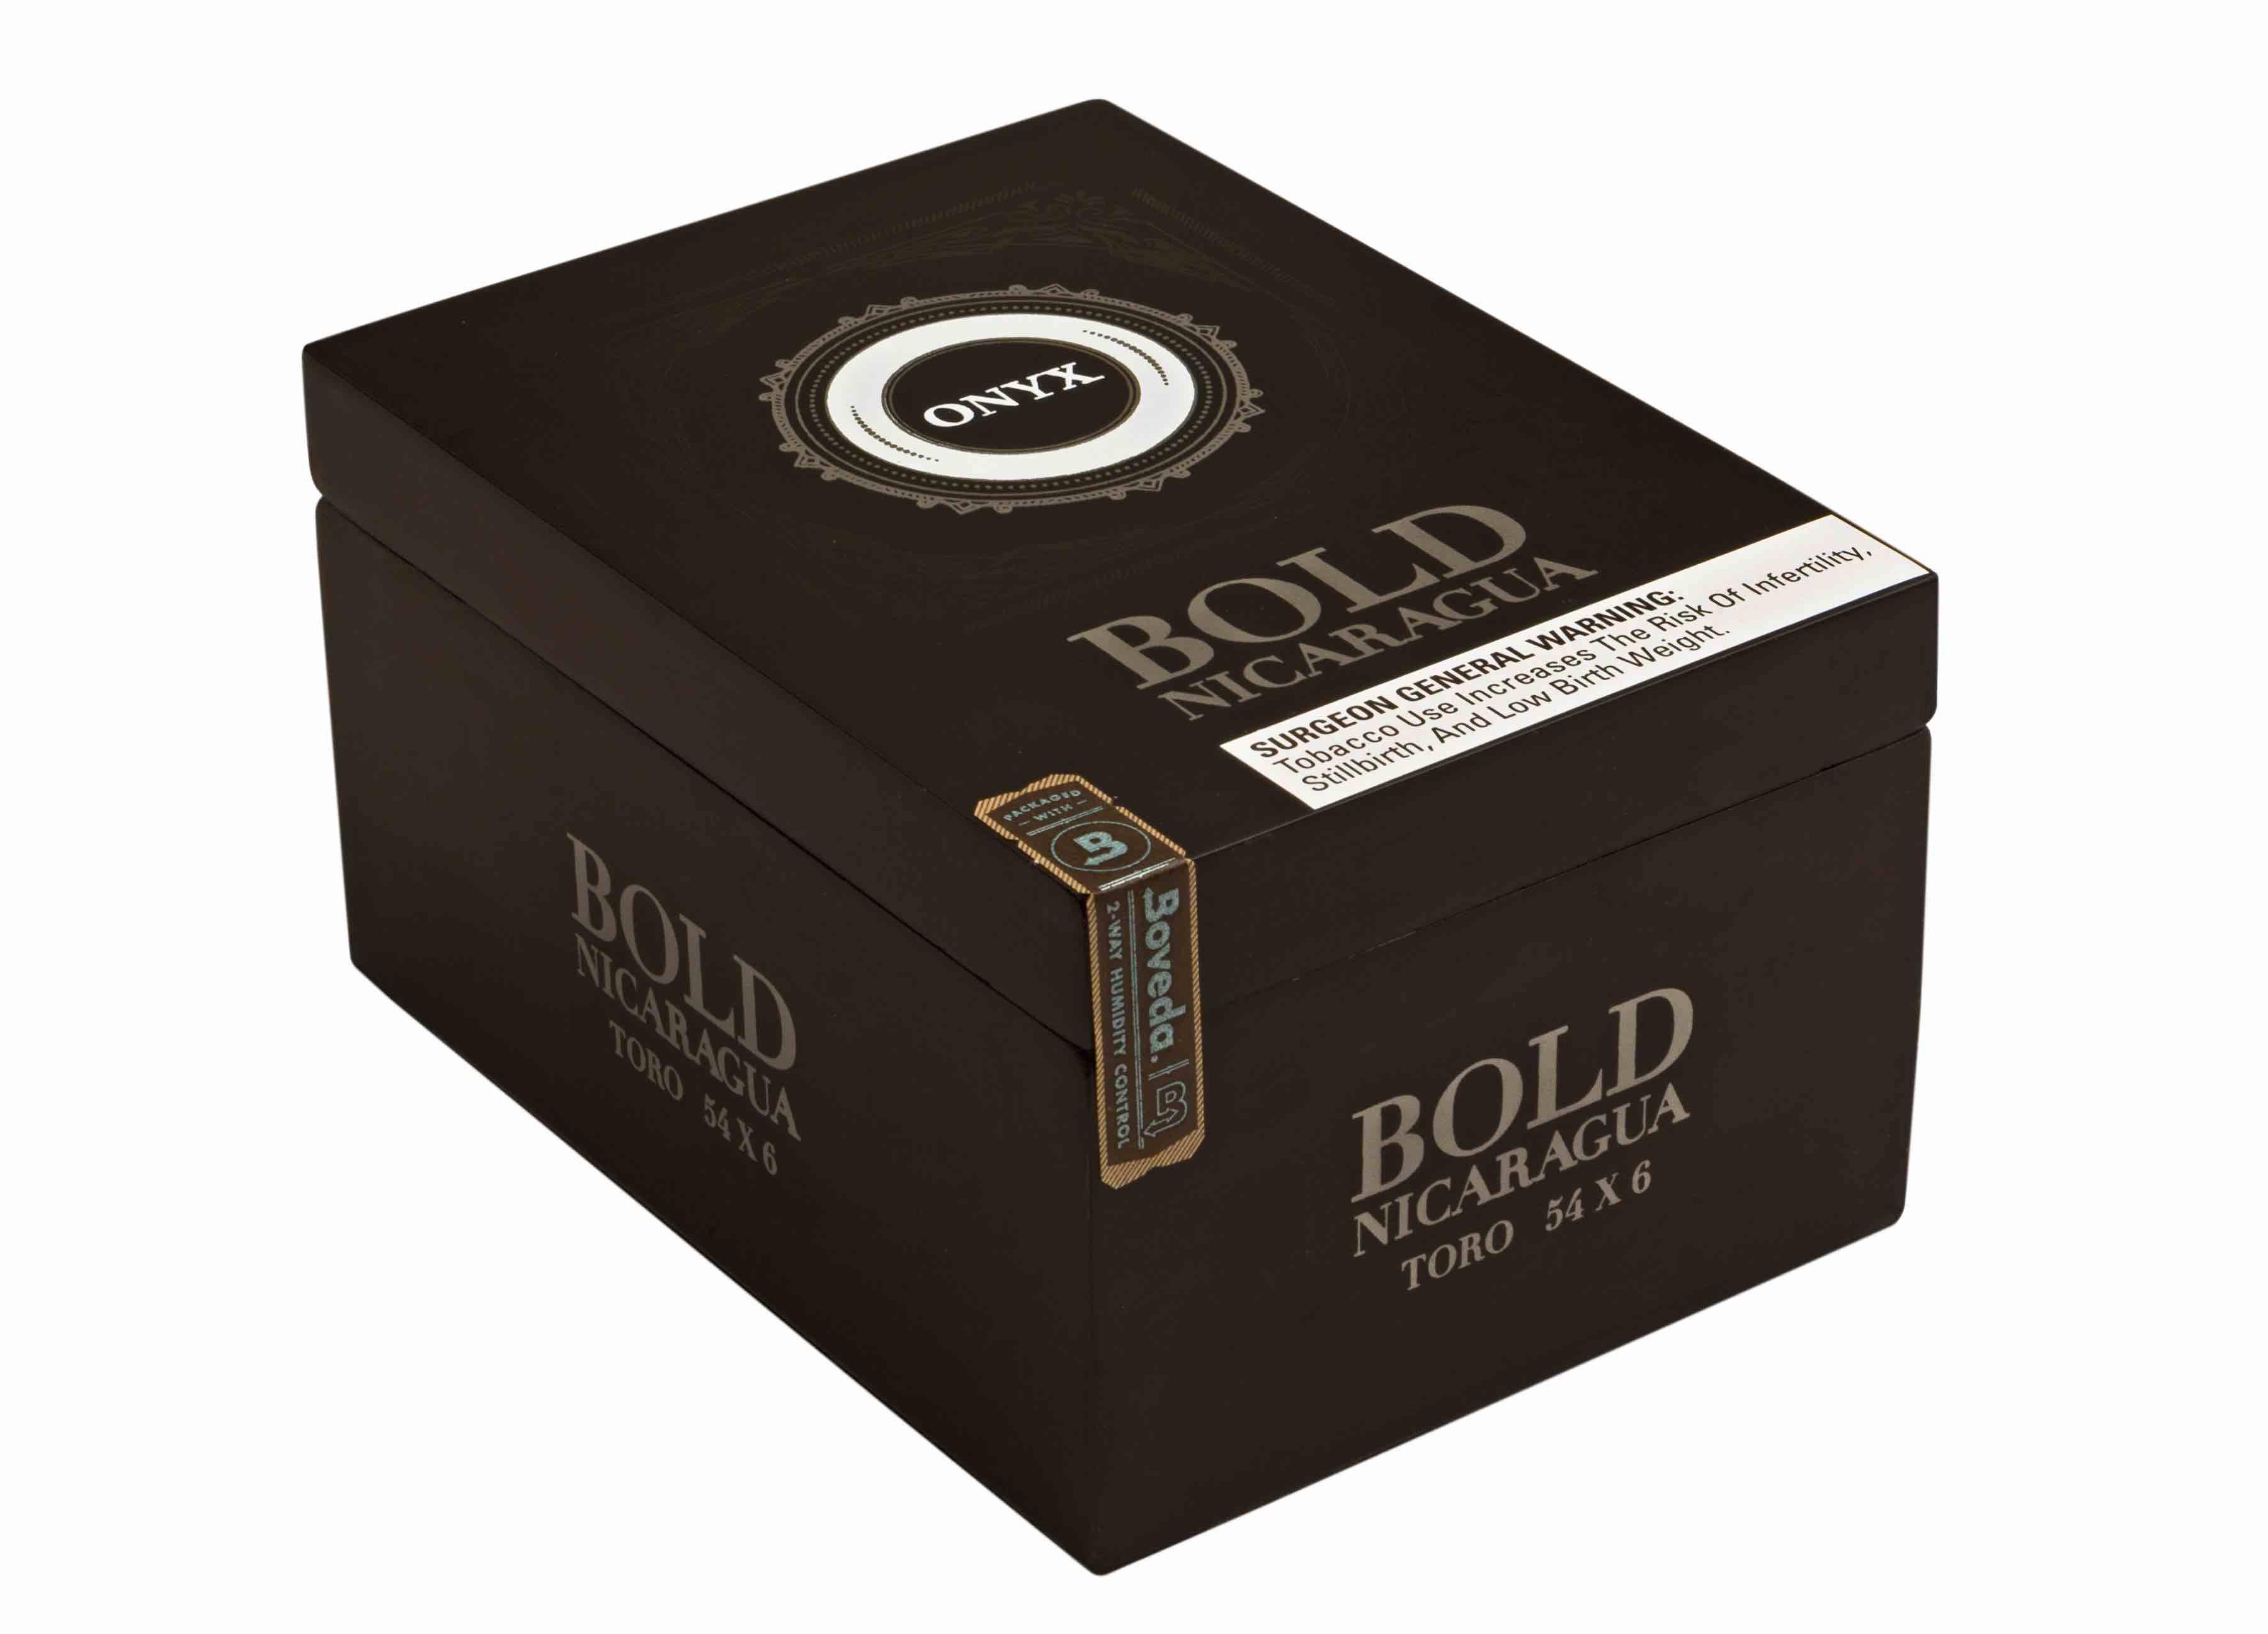 Cigar News: Altadis USA to Release Onyx Bold Nicaragua